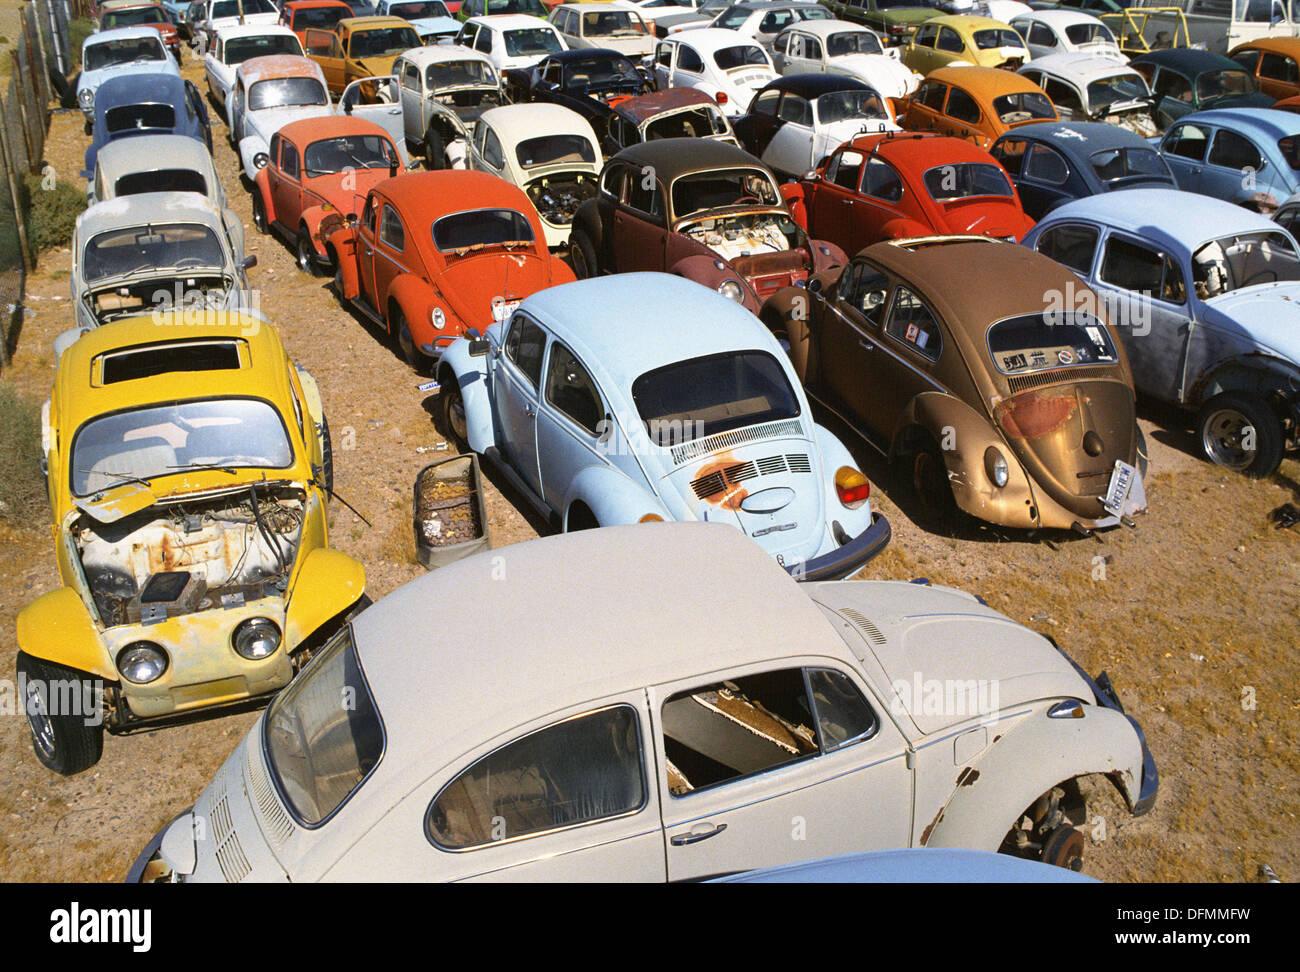 Old Volkswagens at car scrapyard - Stock Image